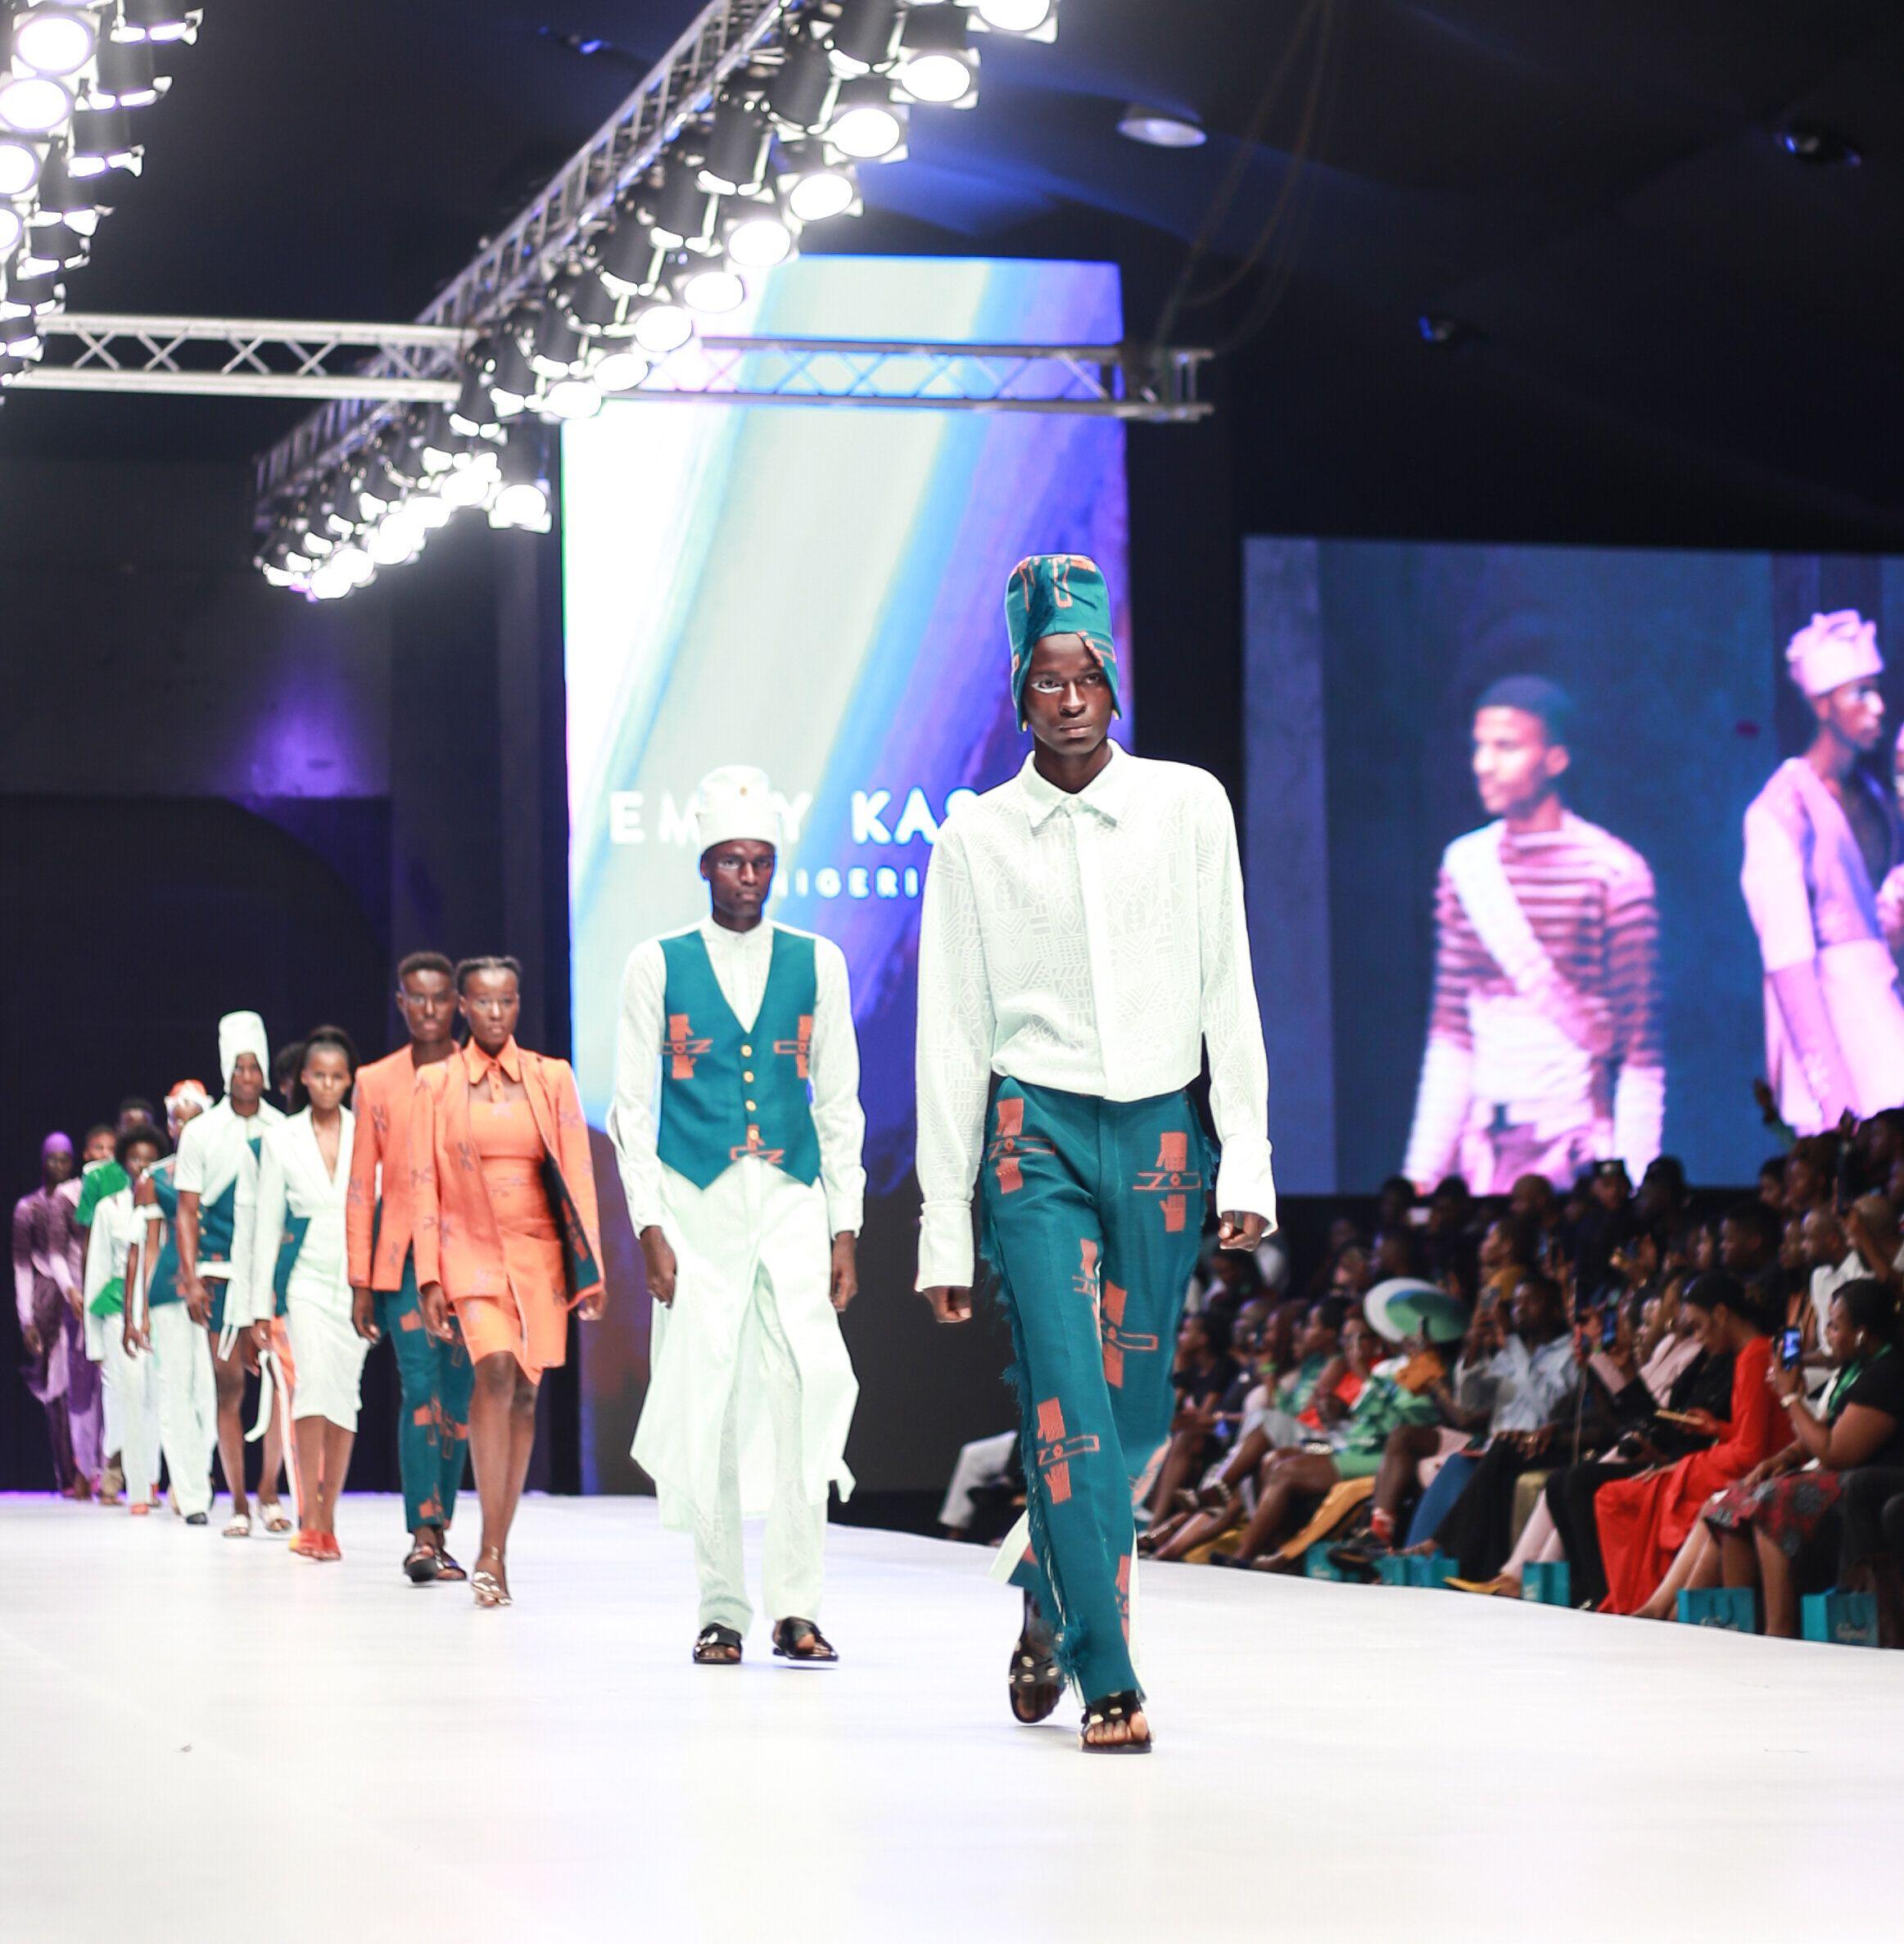 Emmy Kasbit At Heineken Lagos Fashion And Design Week Day 3 Copenhagen Fashion Week Mens Lifestyle Fashion Week